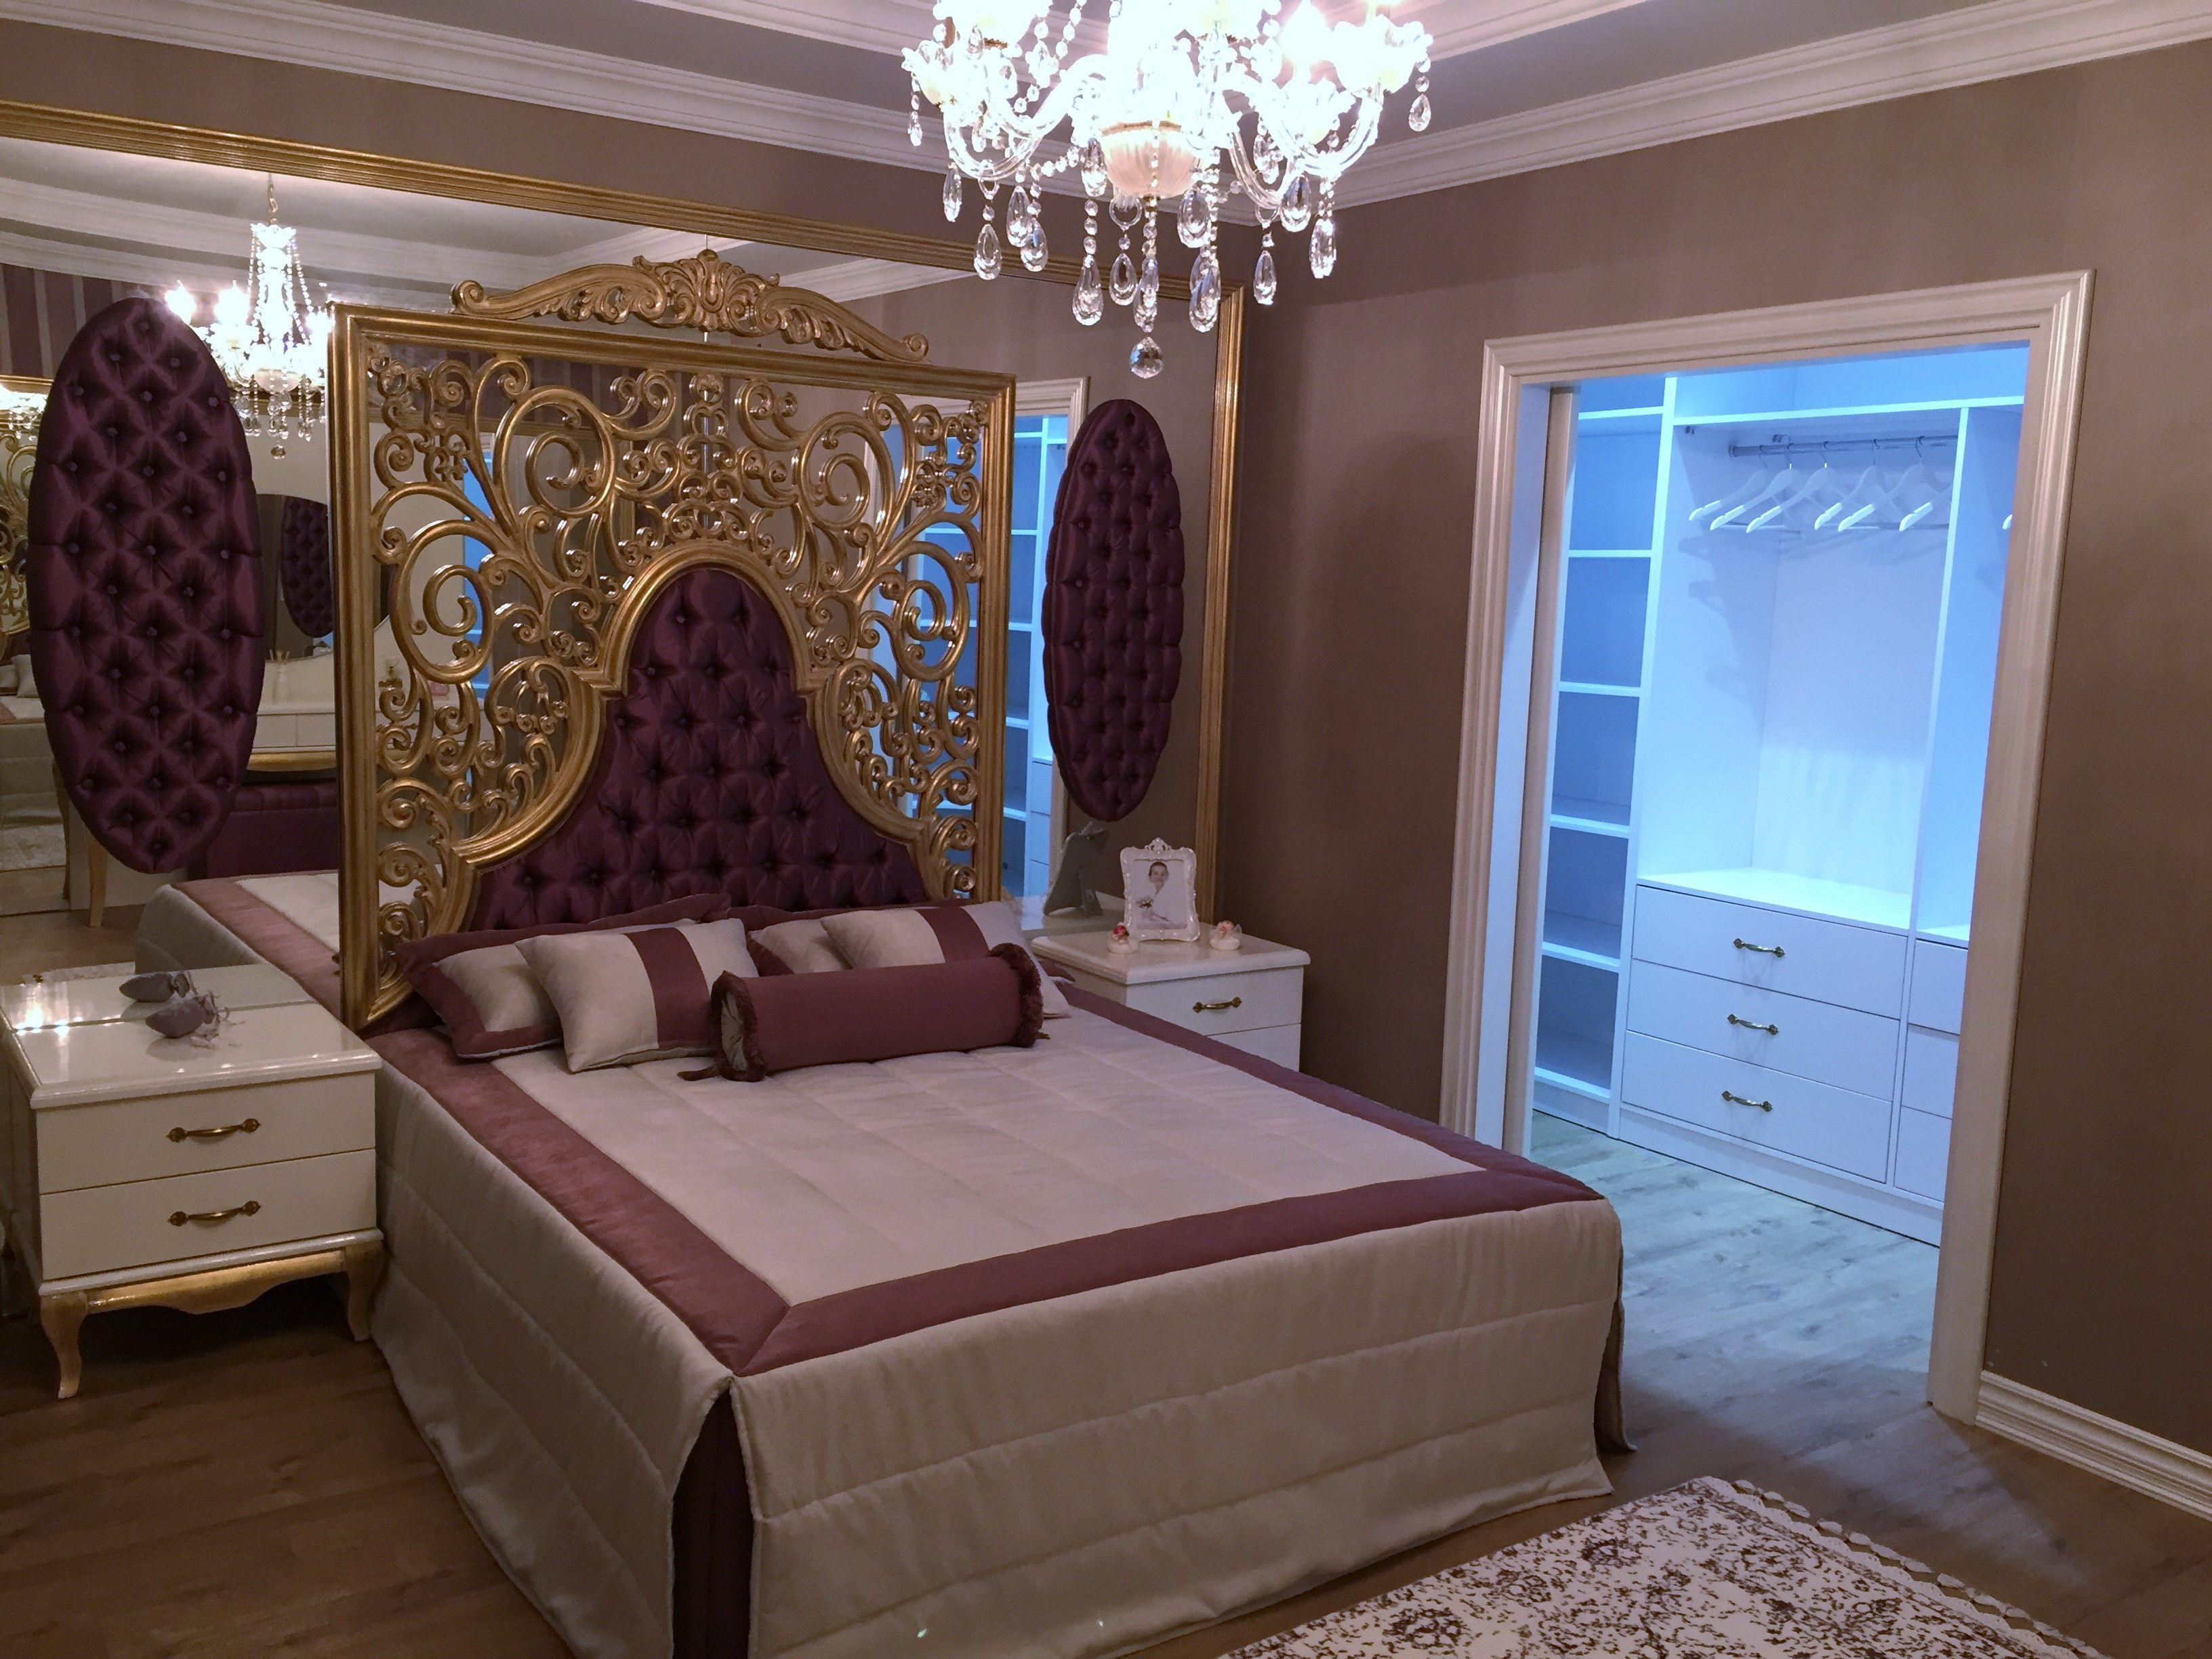 klasik yatak odas oymal yatak ba yatak odas dekorasyonu k zel